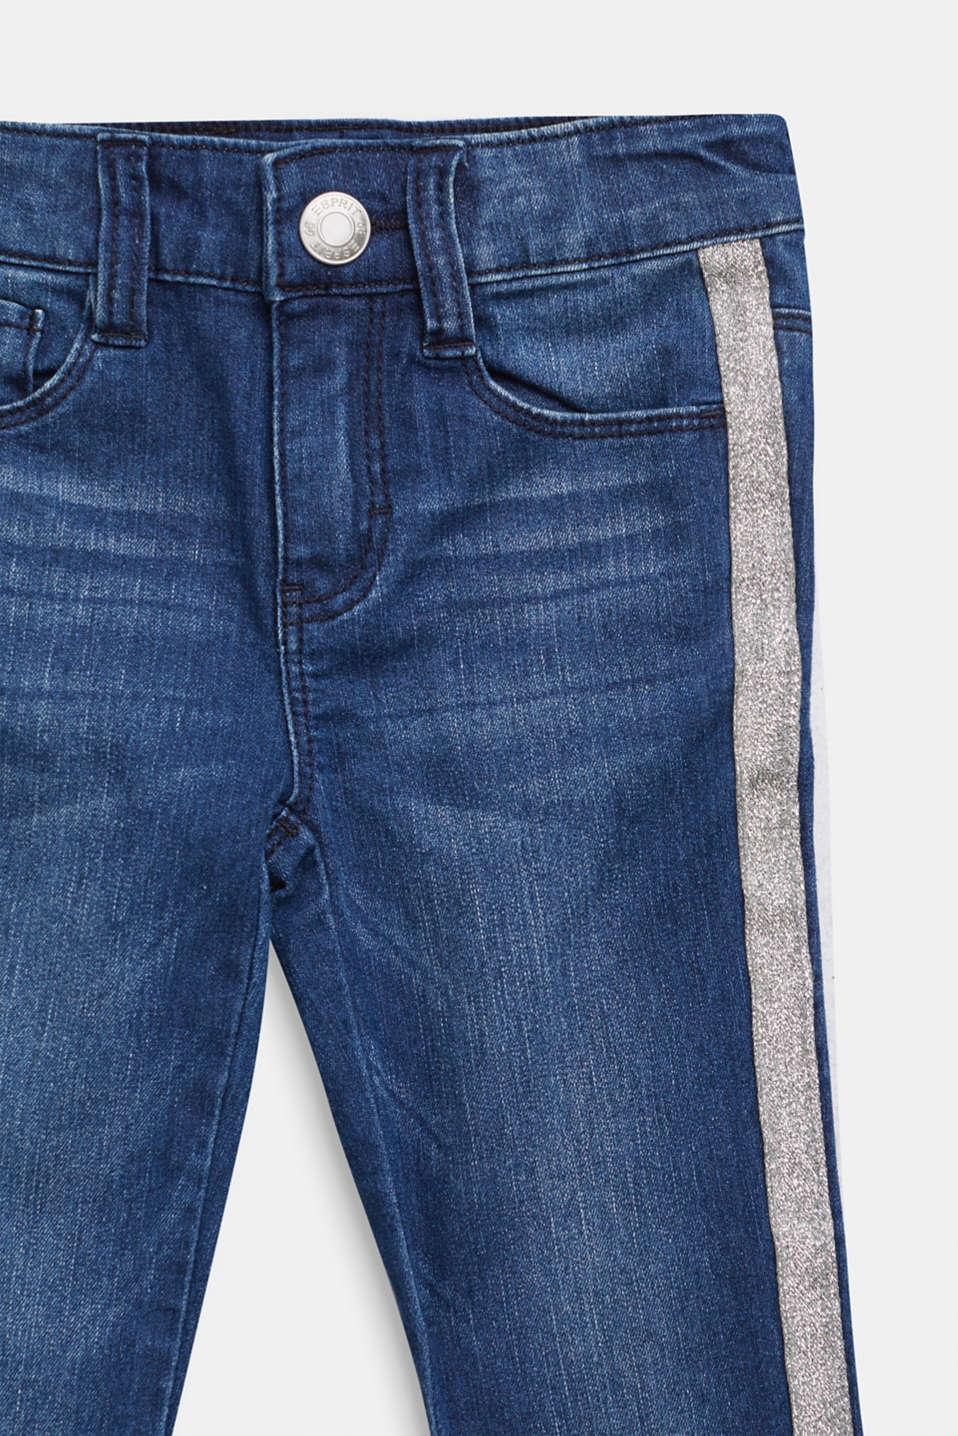 Jeans with glittering side stripes, DARK INDIGO DE, detail image number 2